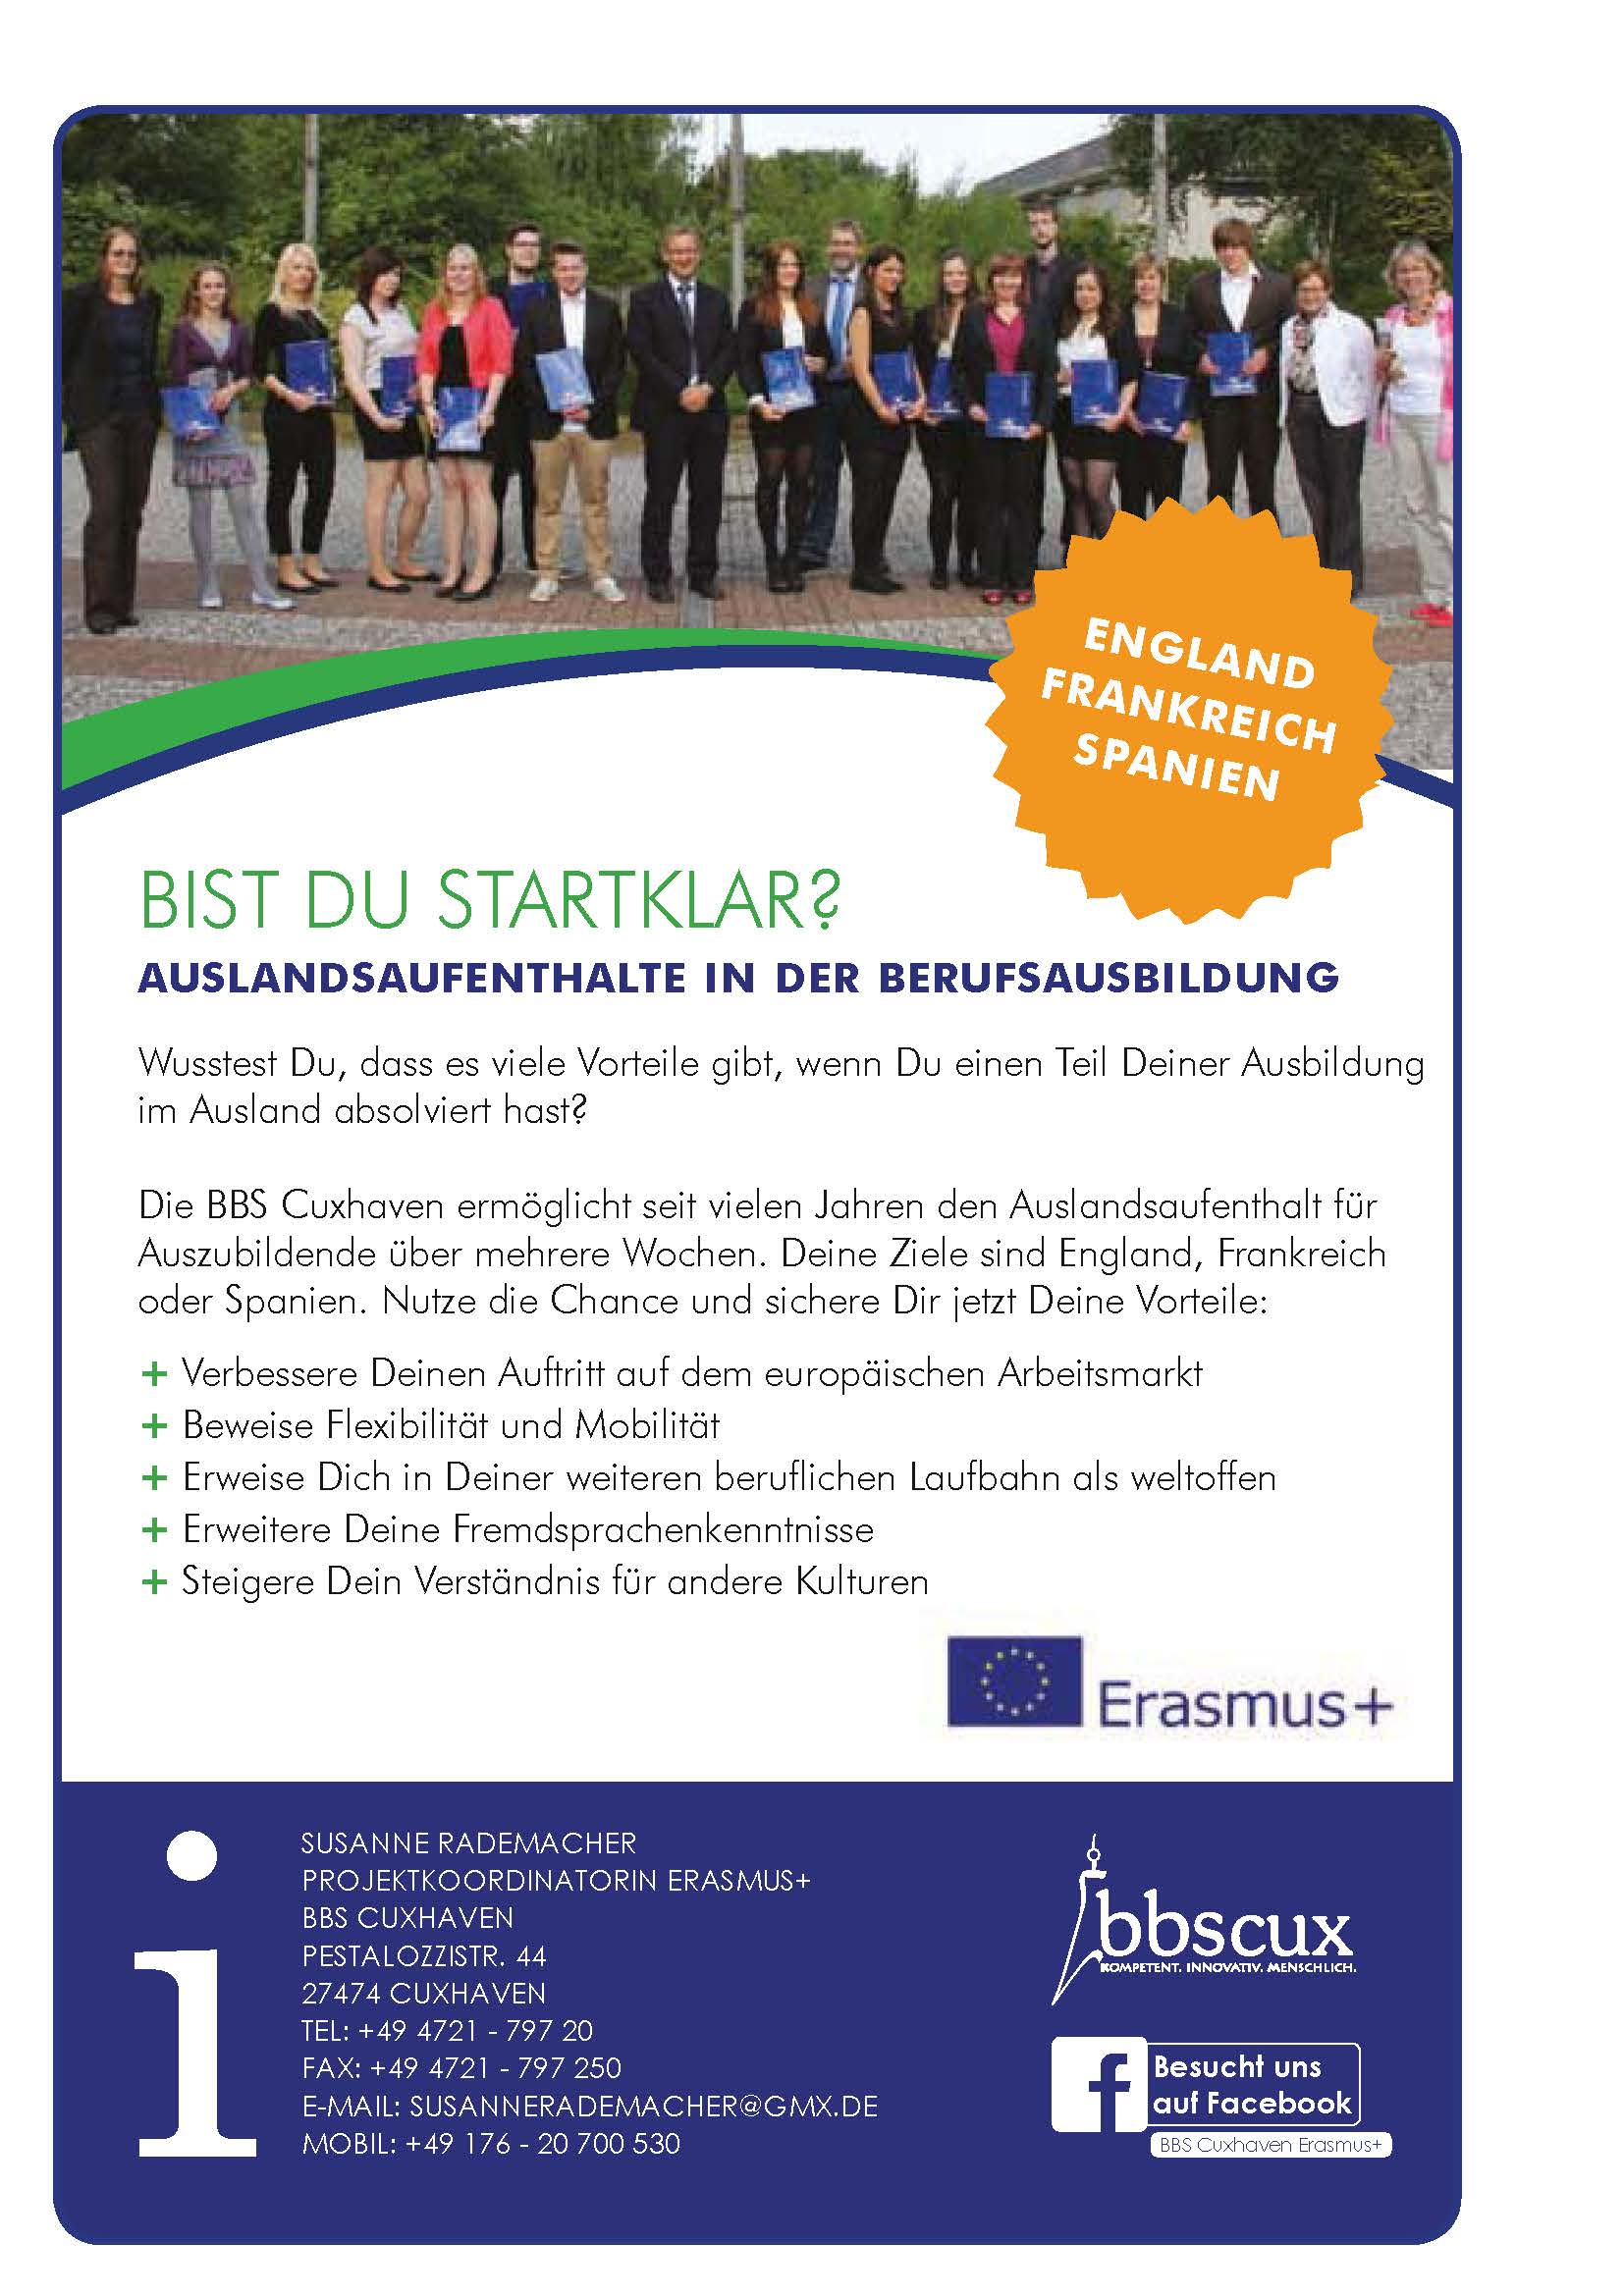 Anzeige Erasmus+